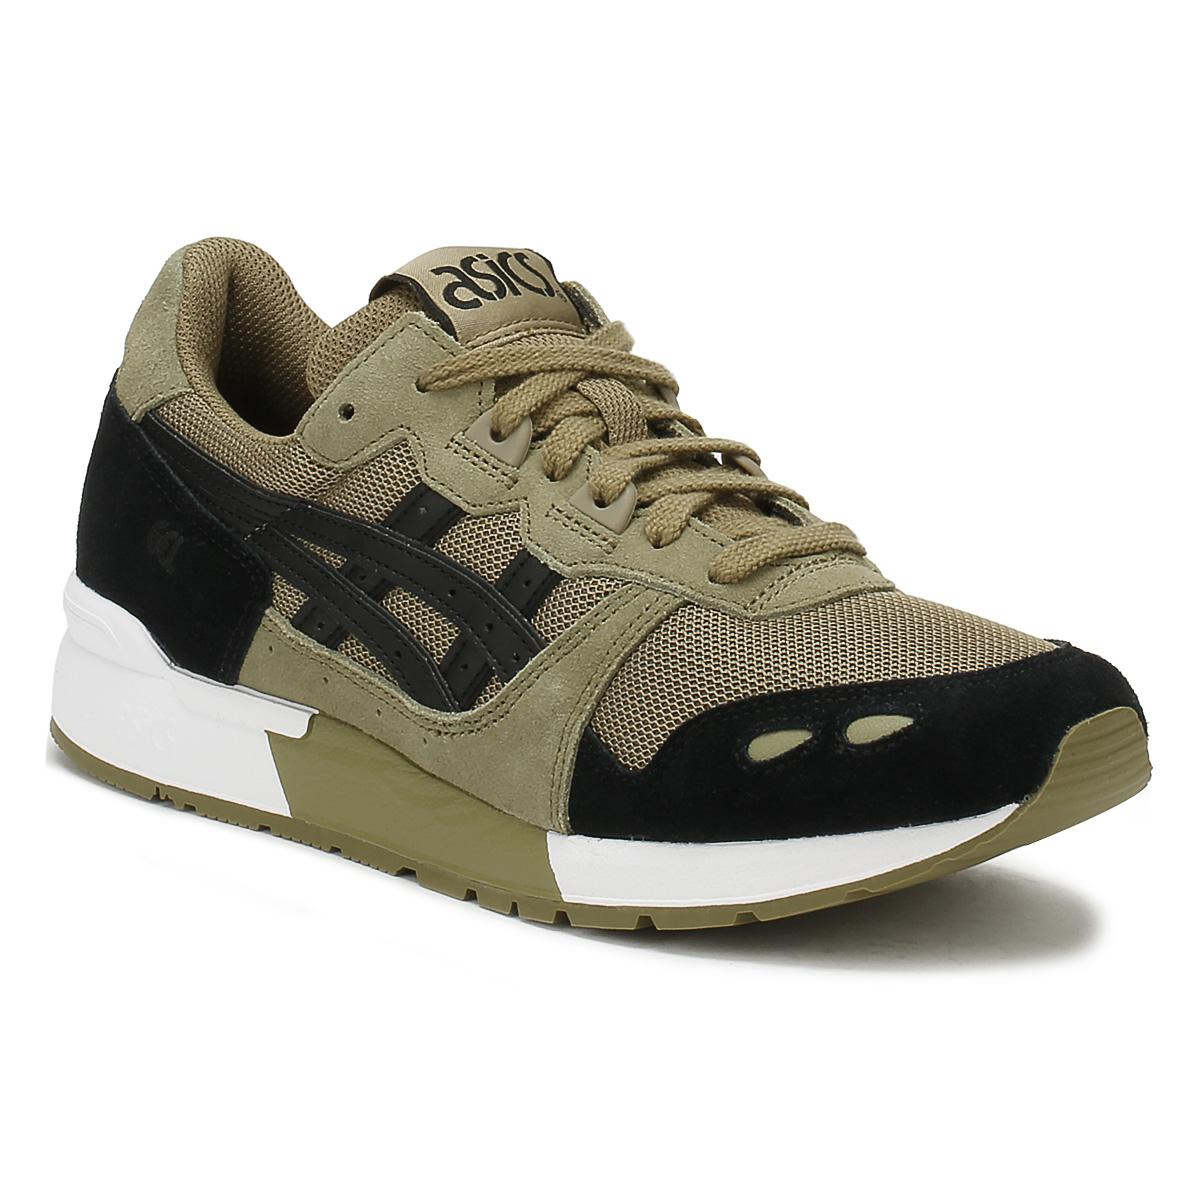 Asics Tiger Mens Gel Lyte Runner Running Shoes